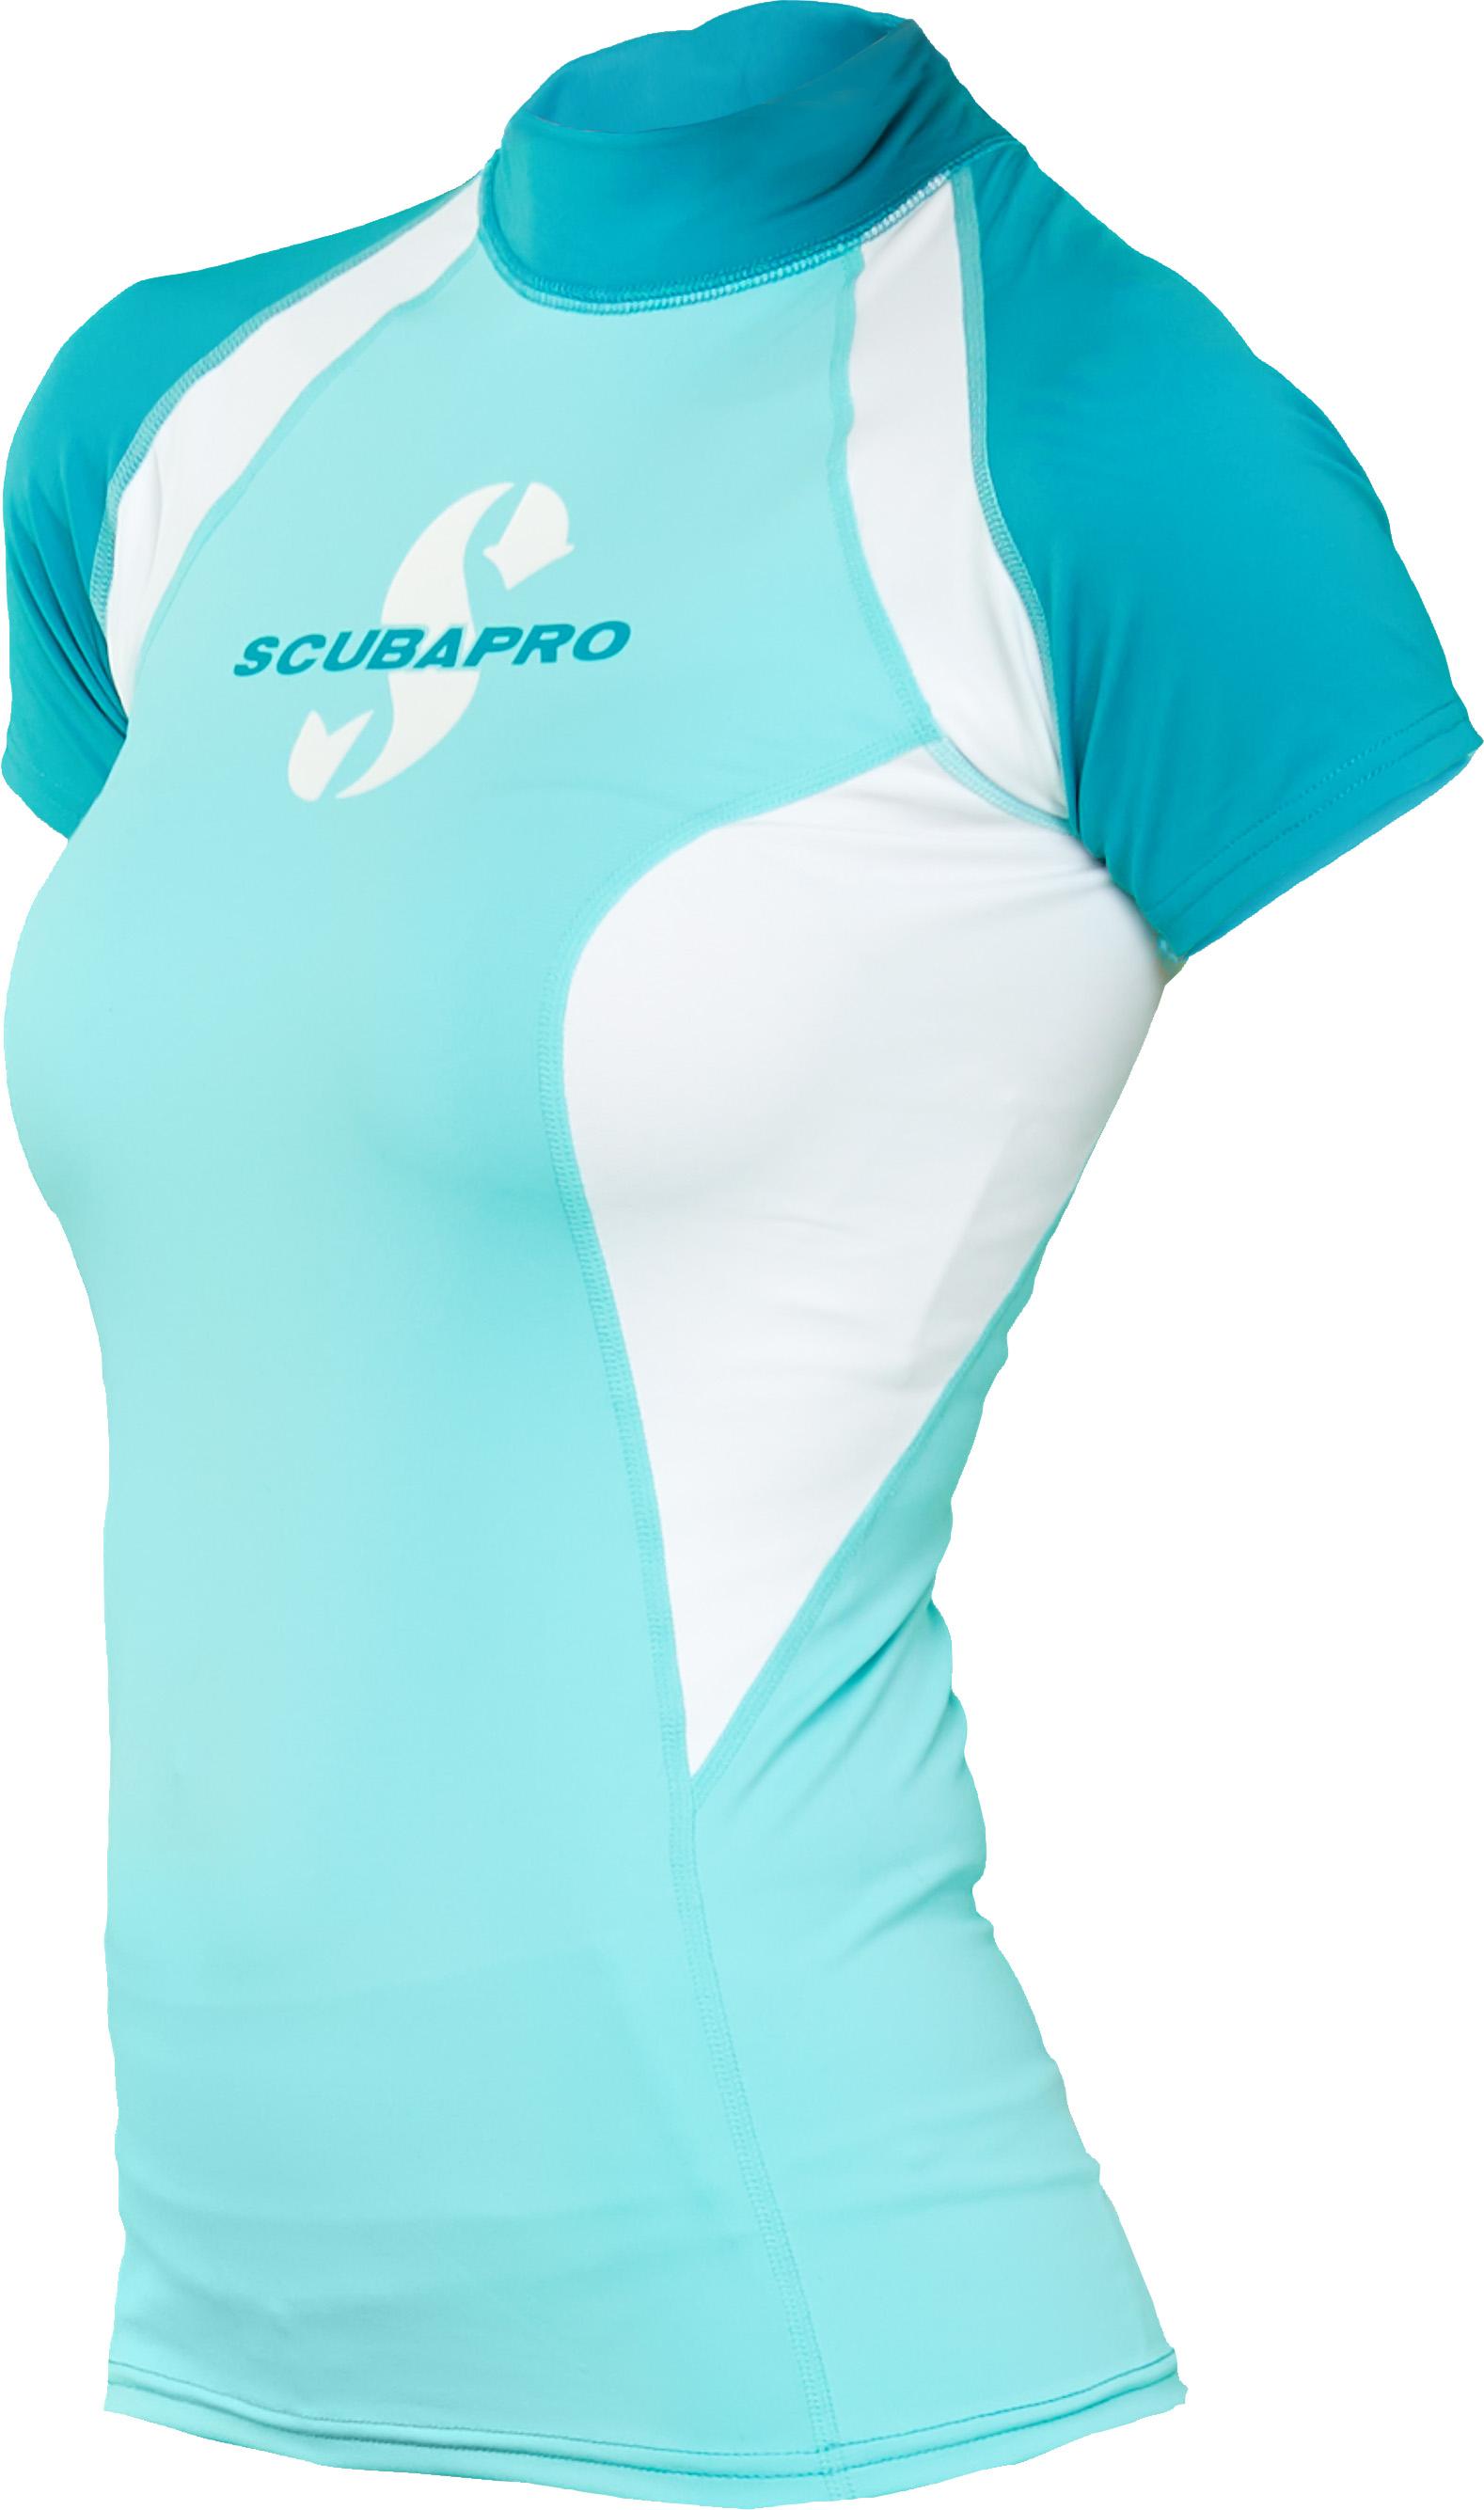 Дамска ликра с UV защита T-FLEX CARIBBEAN SS Lady – Scubapro